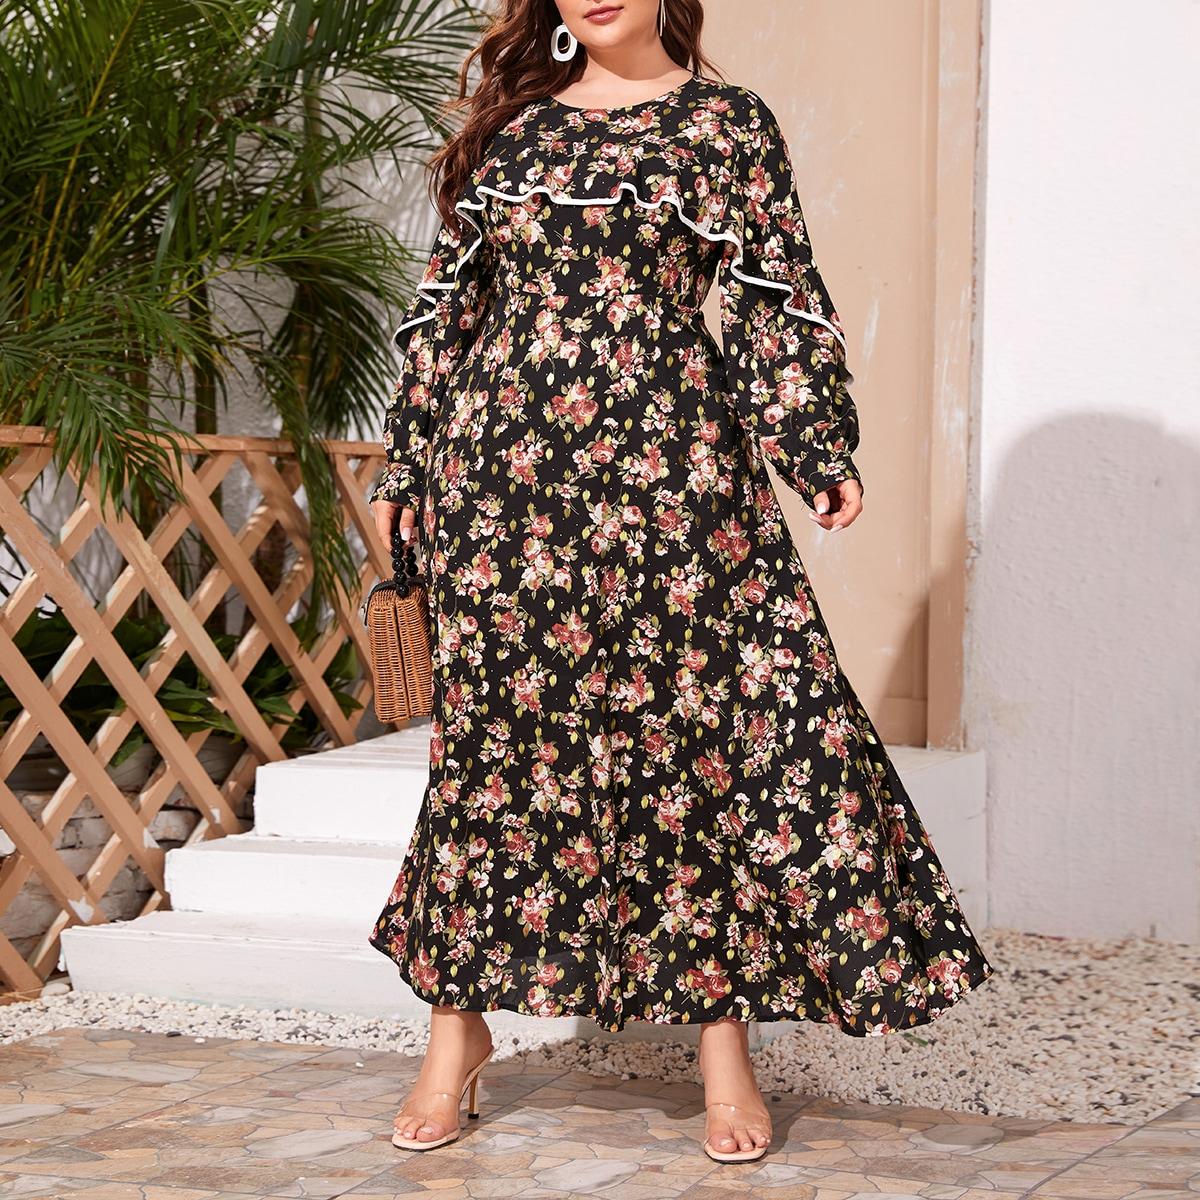 Многихцветные Кайма Цветочный Бохо Платья размер плюс фото